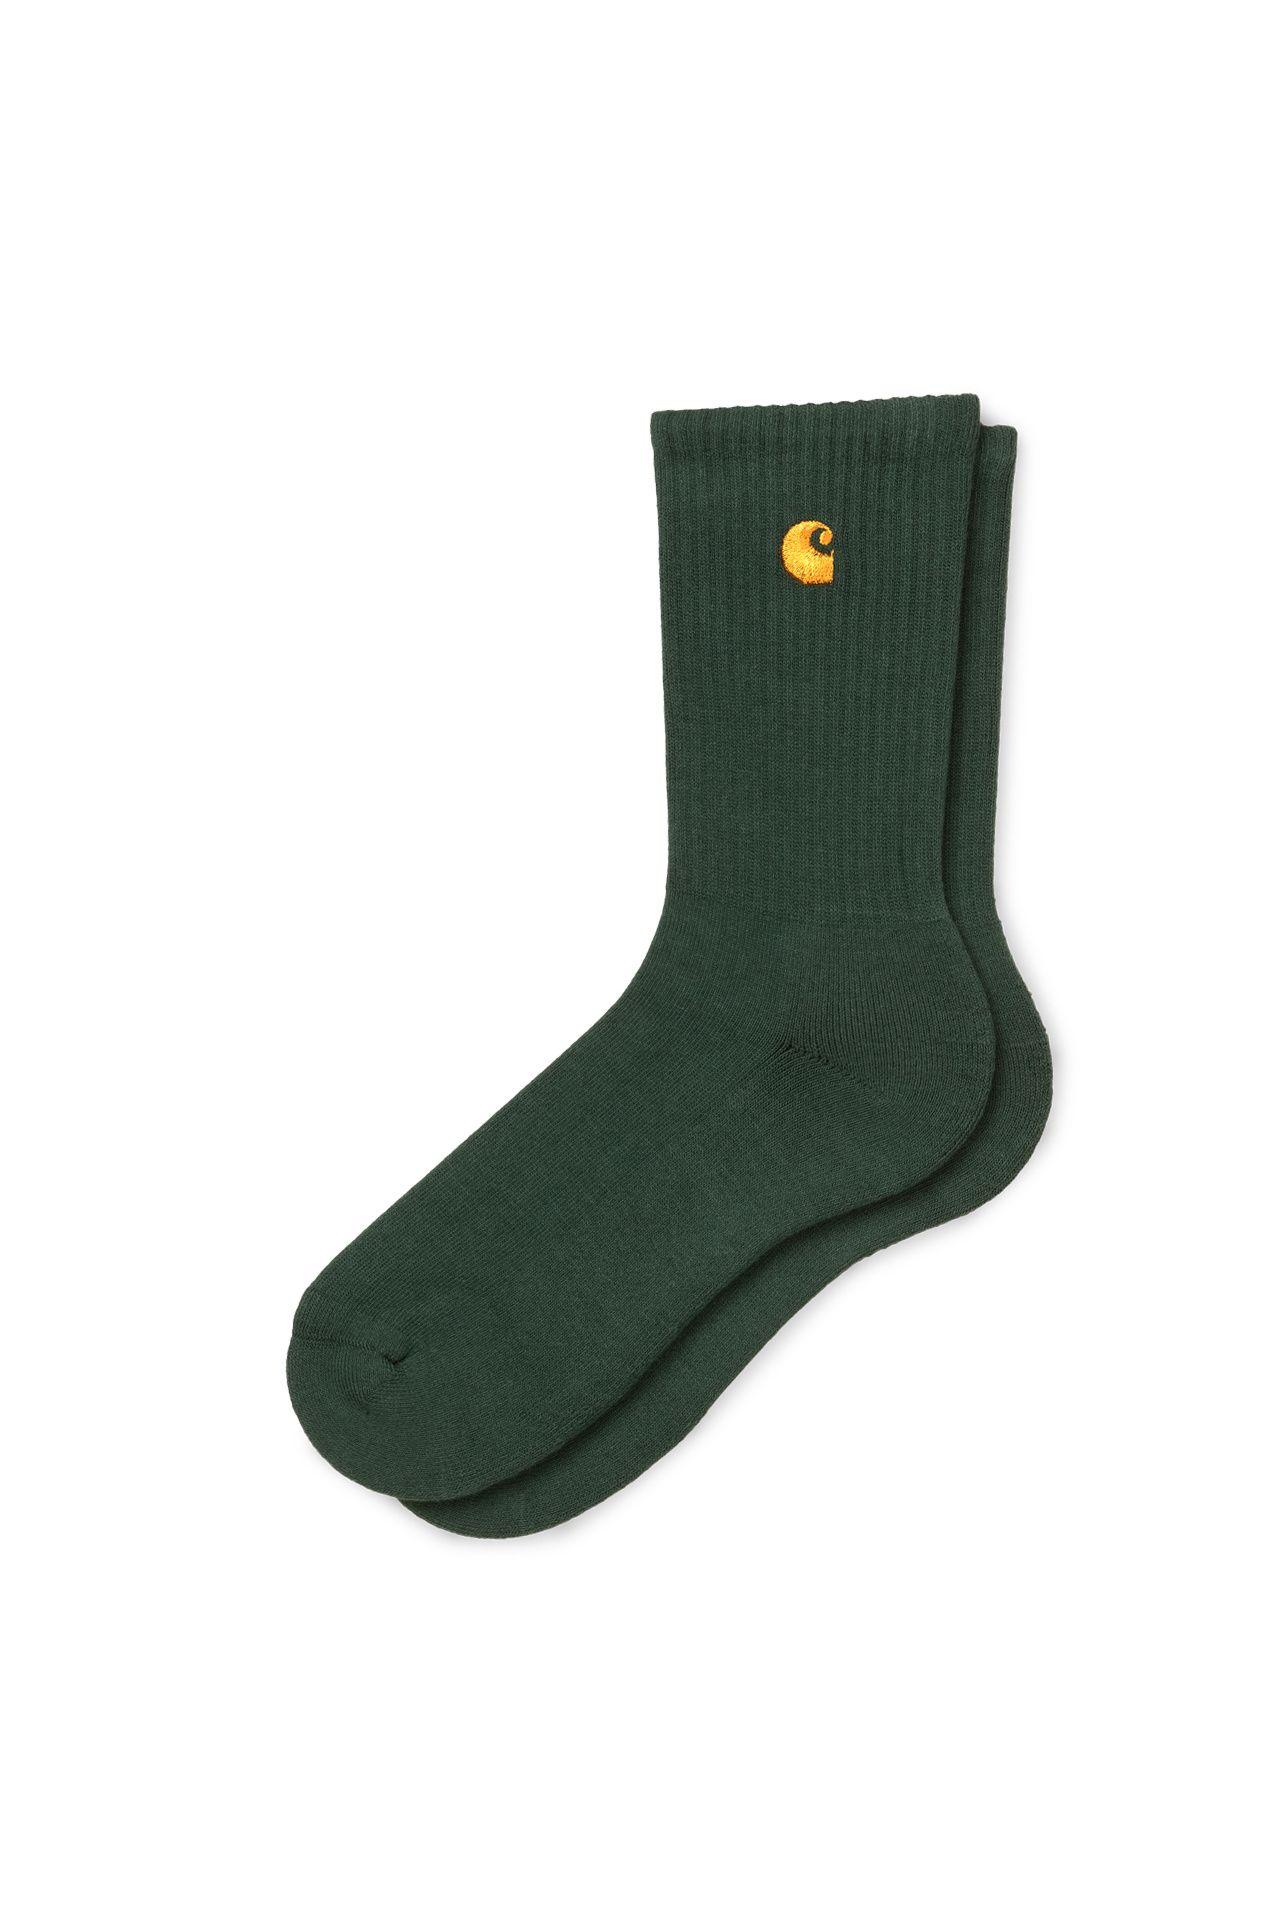 Afbeelding van Carhartt Sokken Chase Socks Bottle Green / Gold I026527